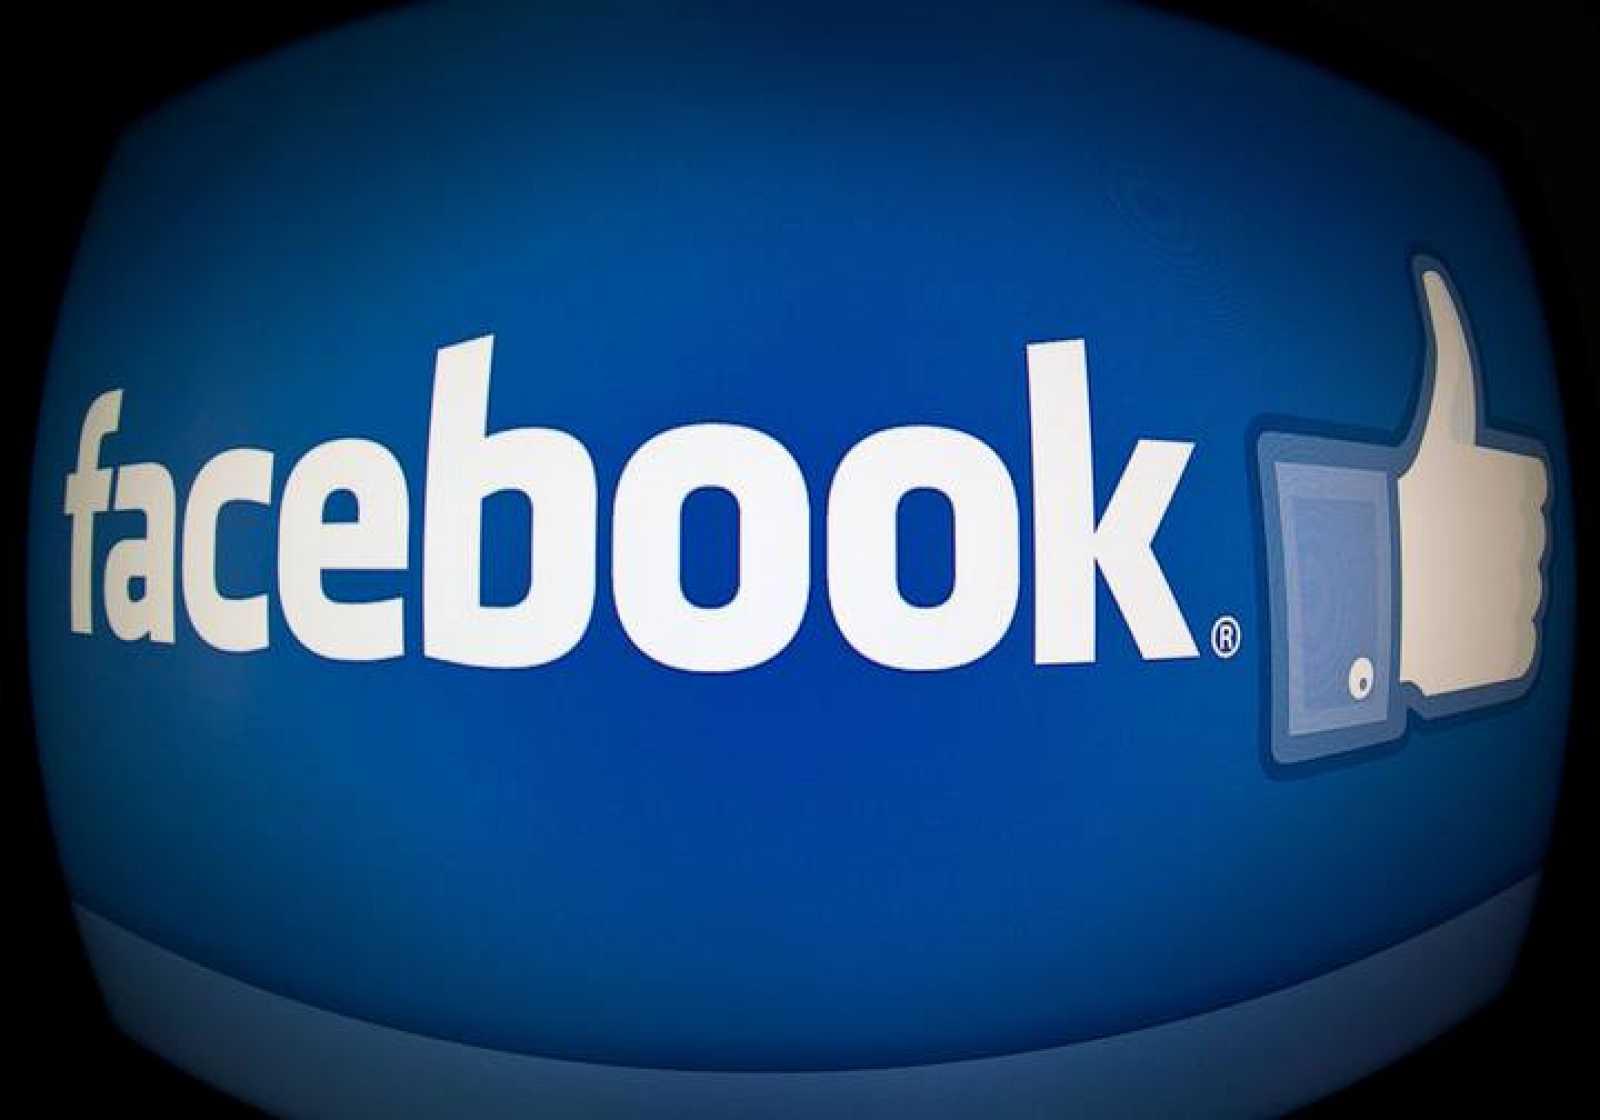 Página con el logo de Facebook.